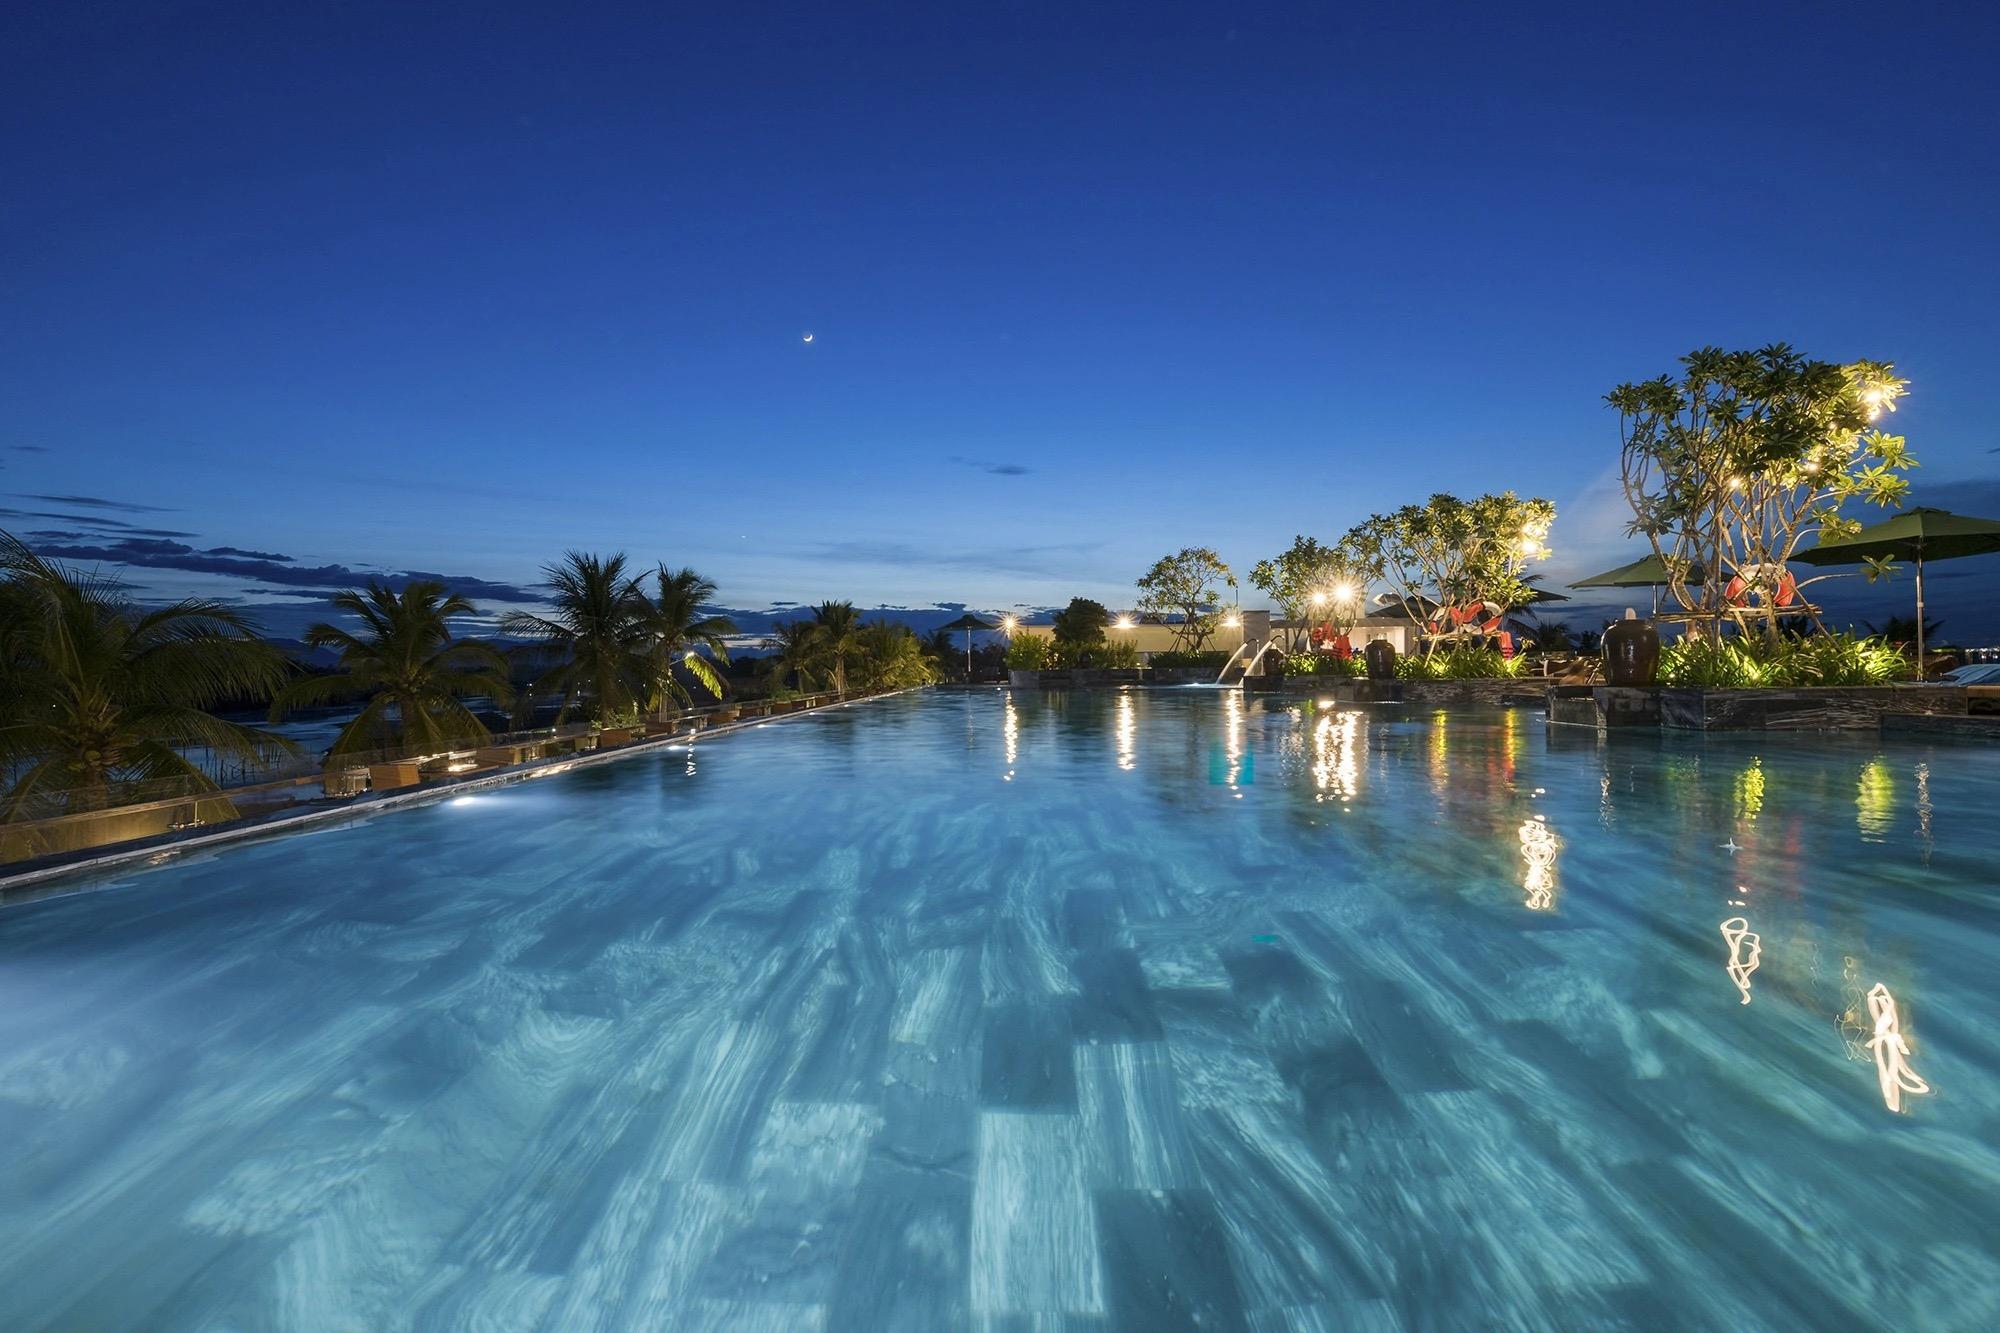 xu hướng resort living